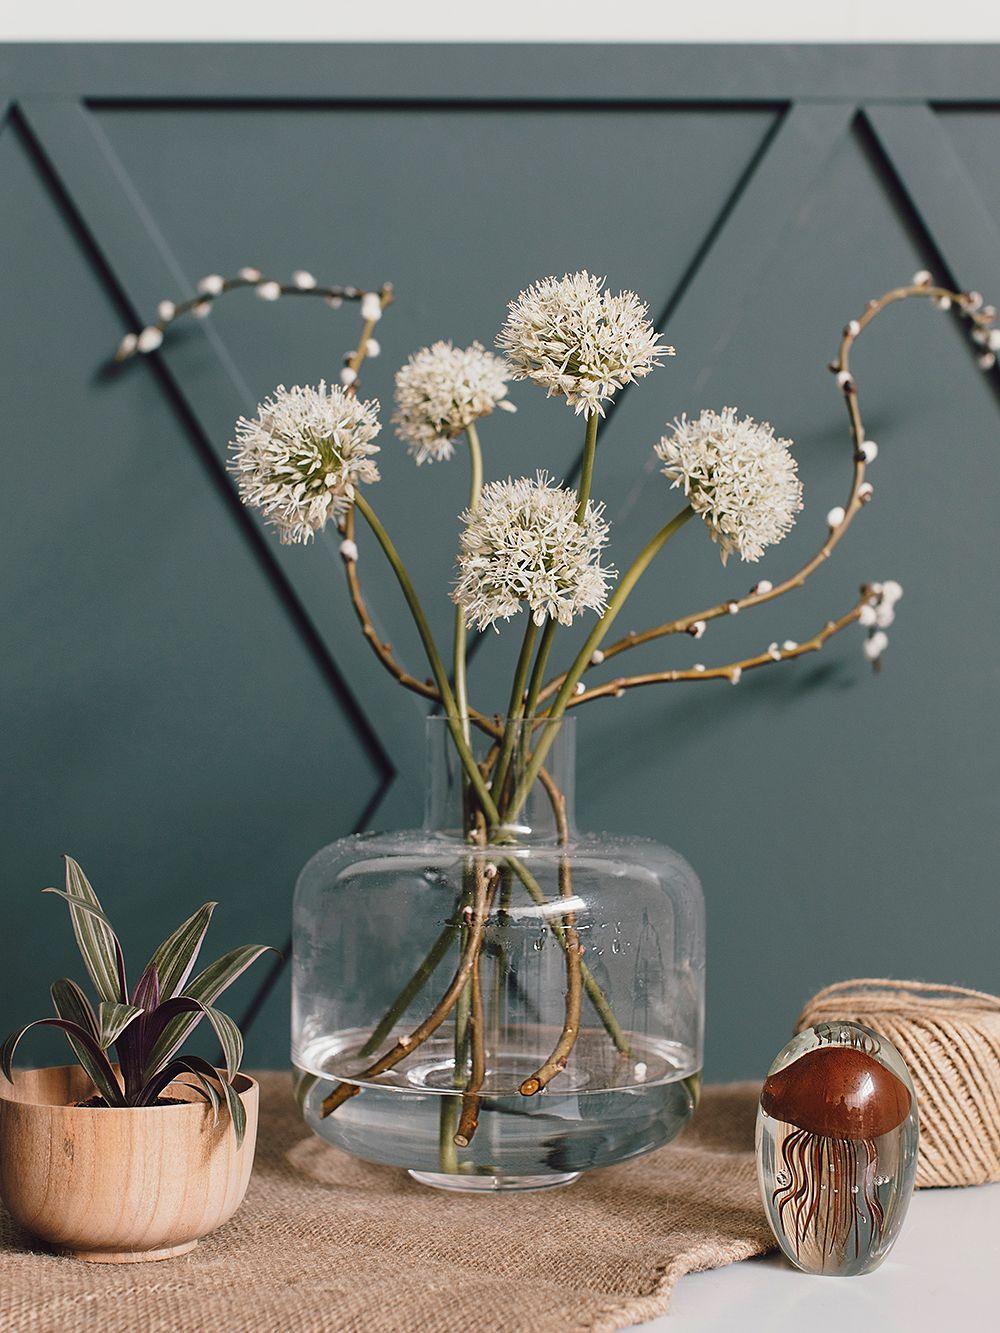 Marimekon kirkas Ming-maljakko kukilla ja oksilla täytettynä.